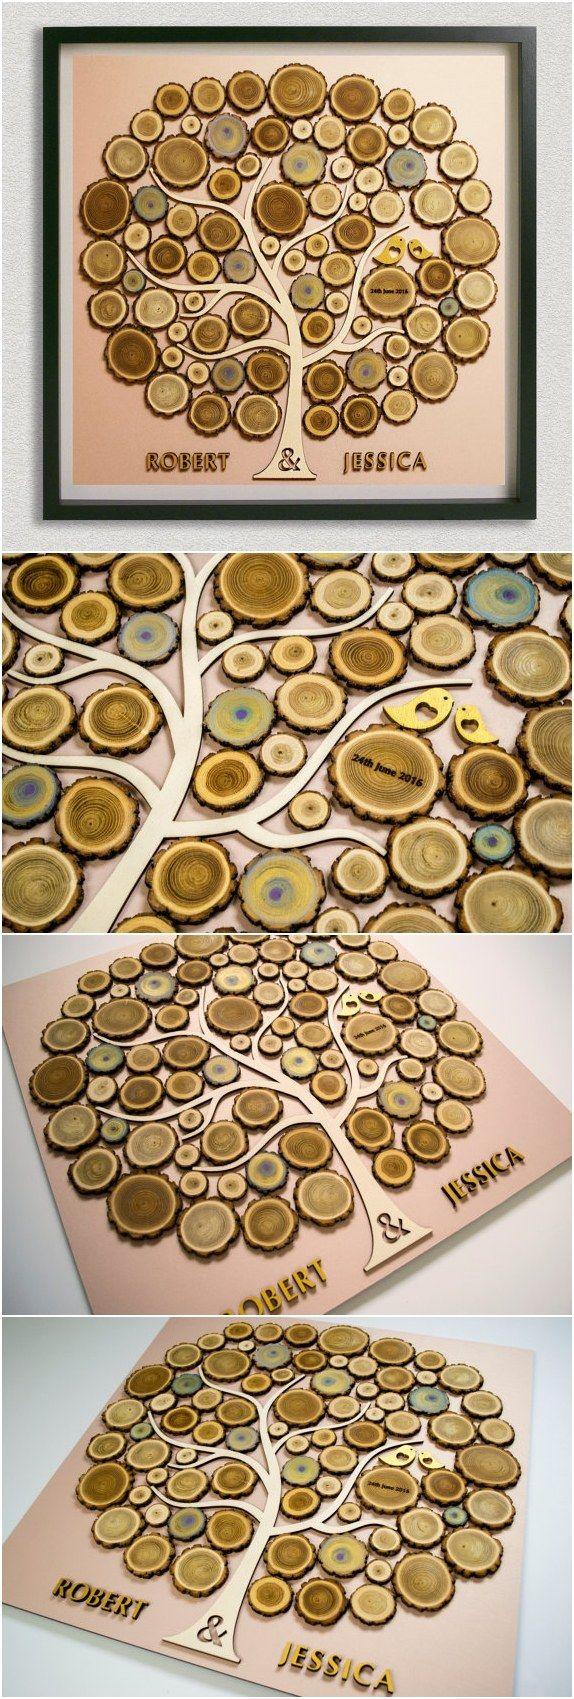 tree wood rustic wedding rustic guest book / http://www.deerpearlflowers.com/rustic-country-wood-wedding-guest-books/